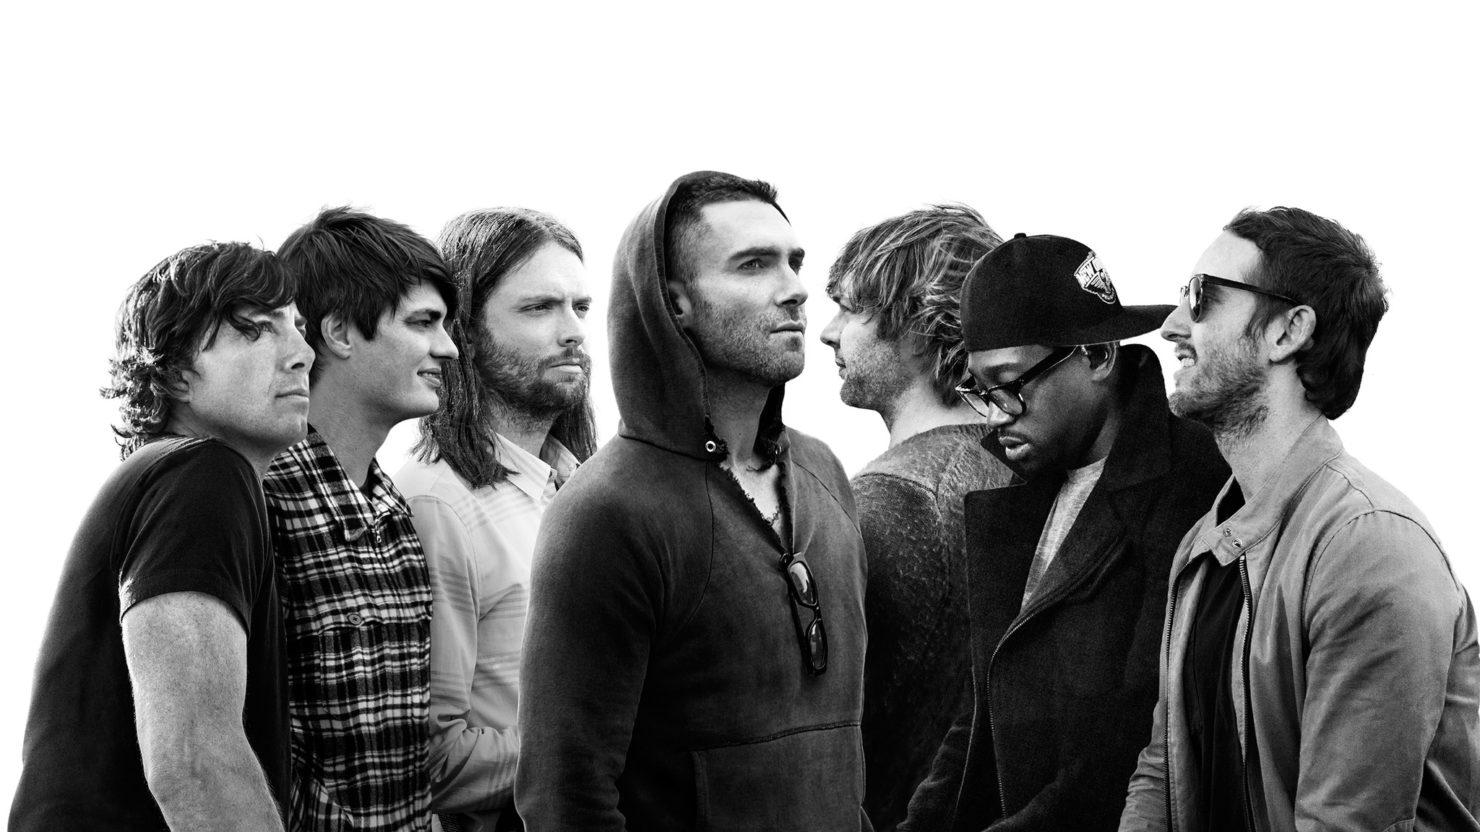 Concierto de Maroon 5 en Dallas